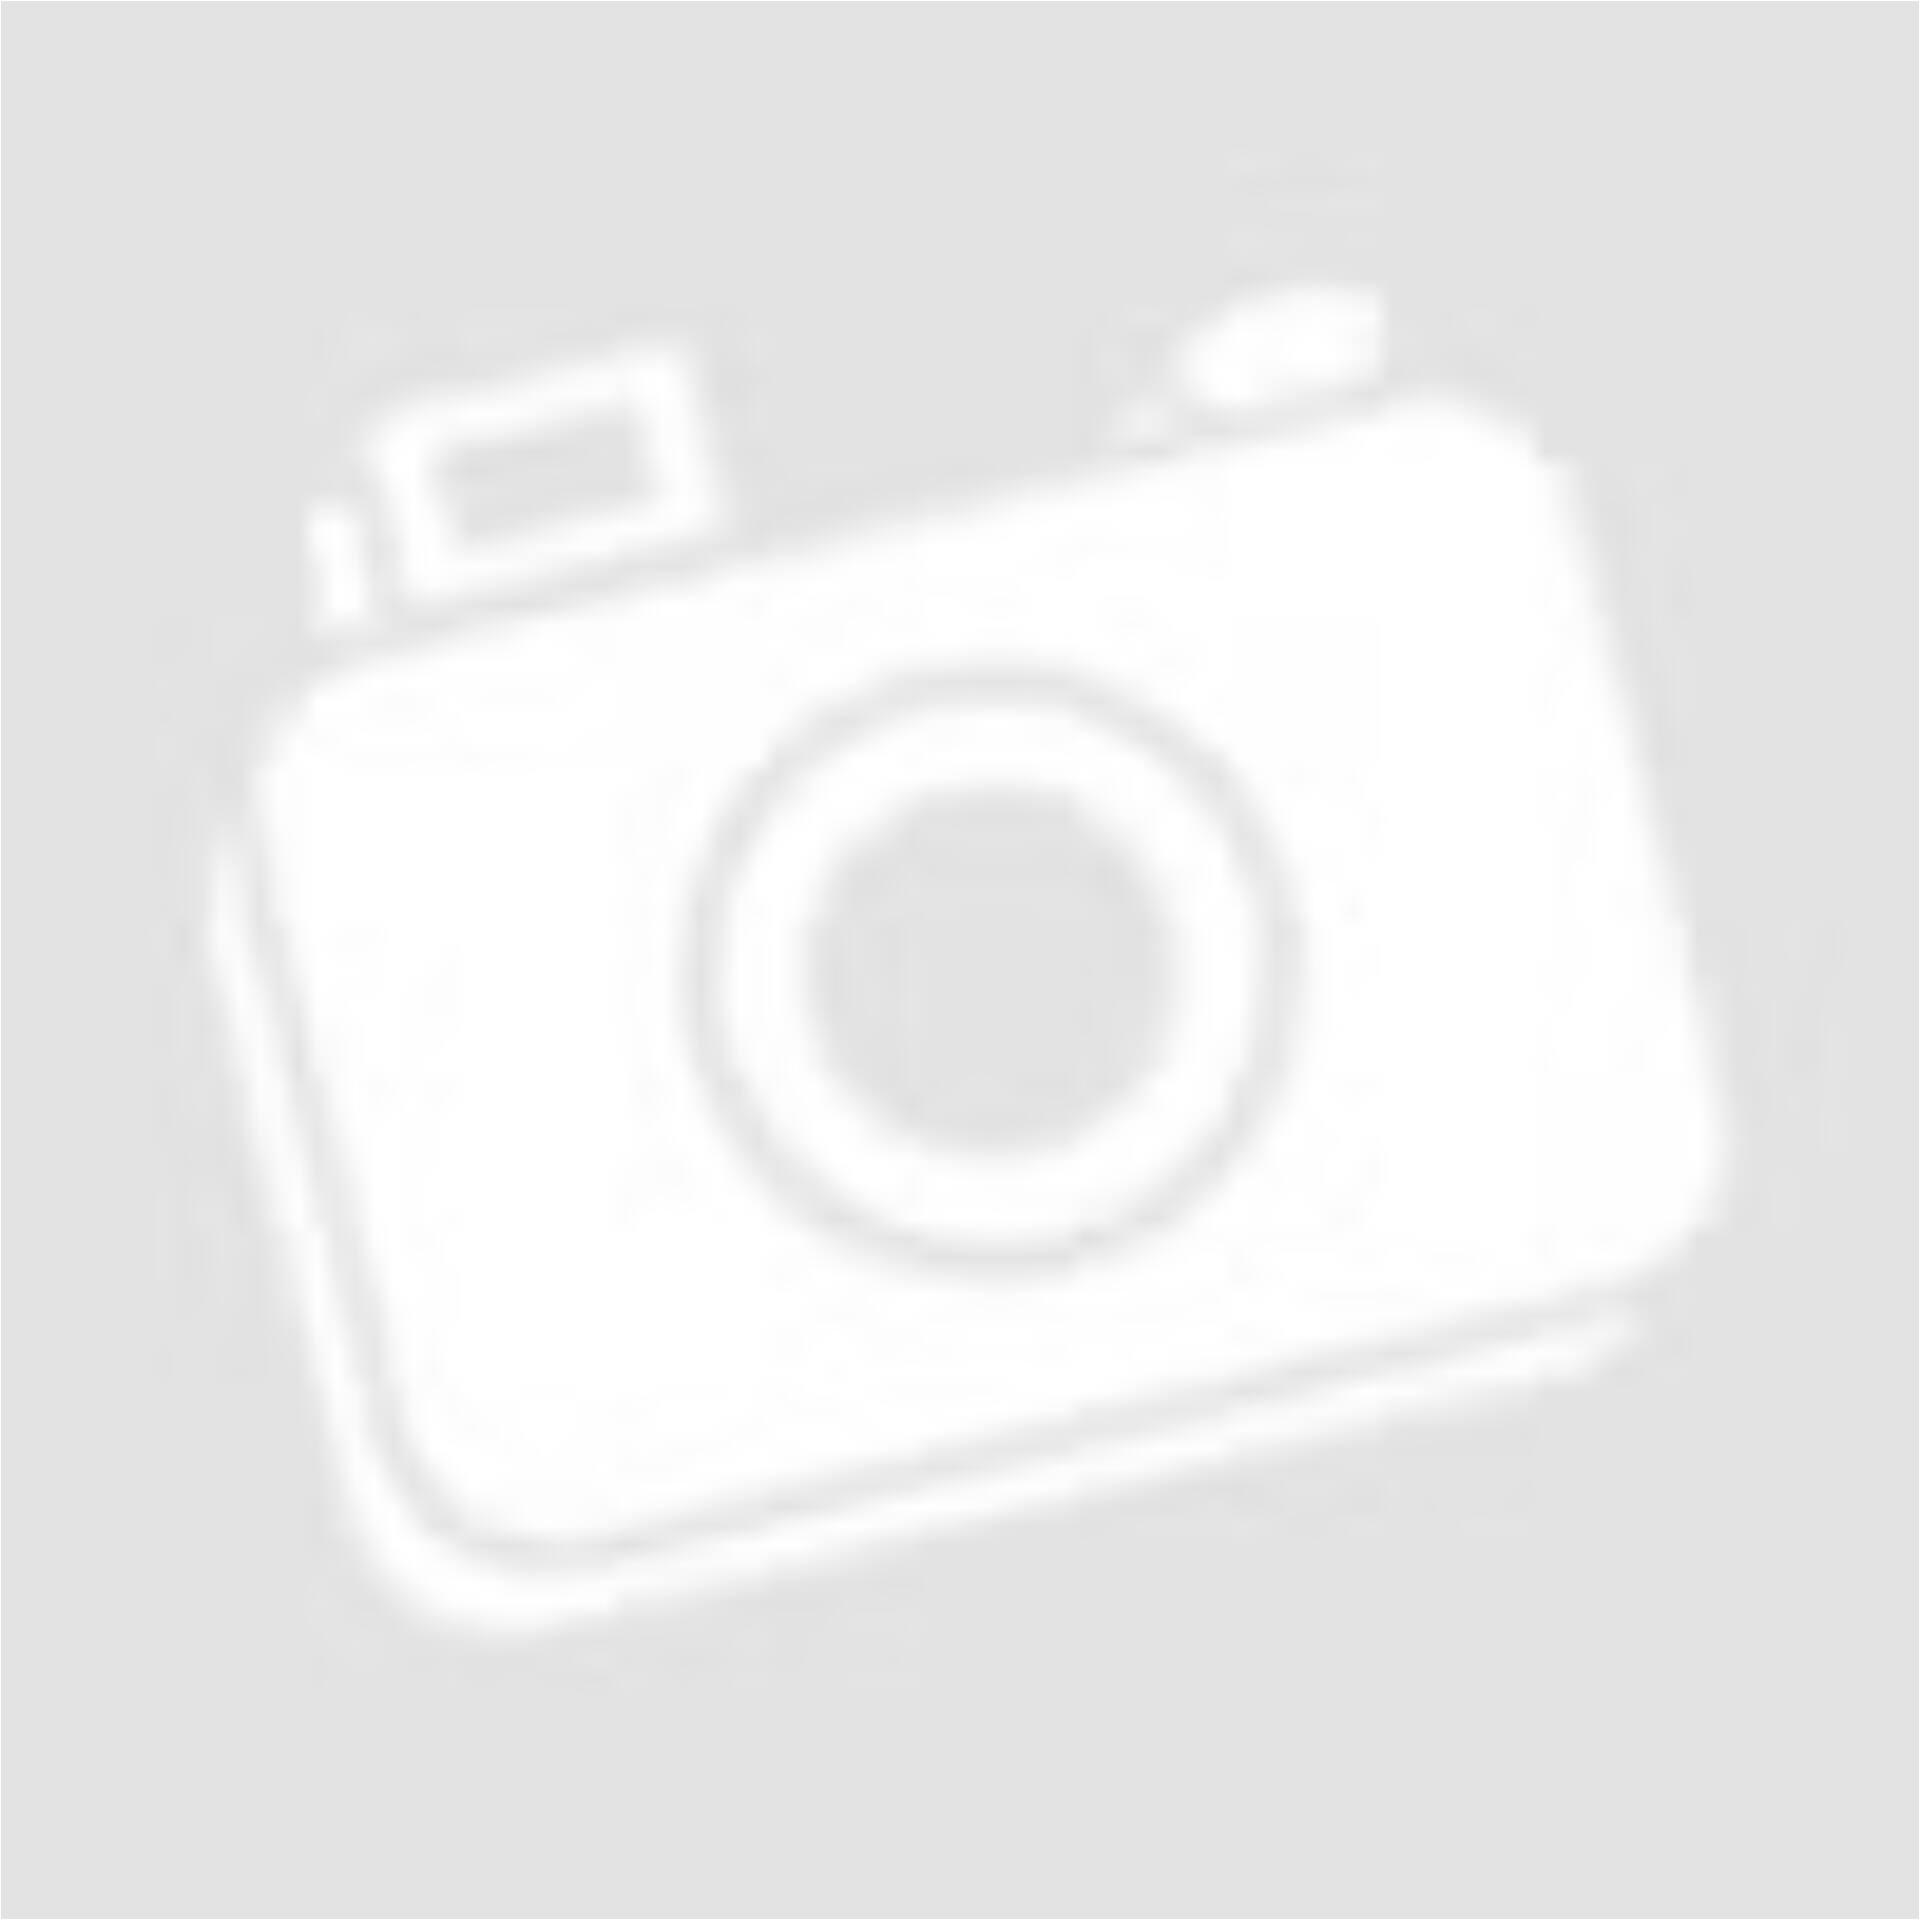 Fekete fehér csíkos H M félvállas ruha (Méret  M) - Alkalmi ruha ... 7f4a6c0075